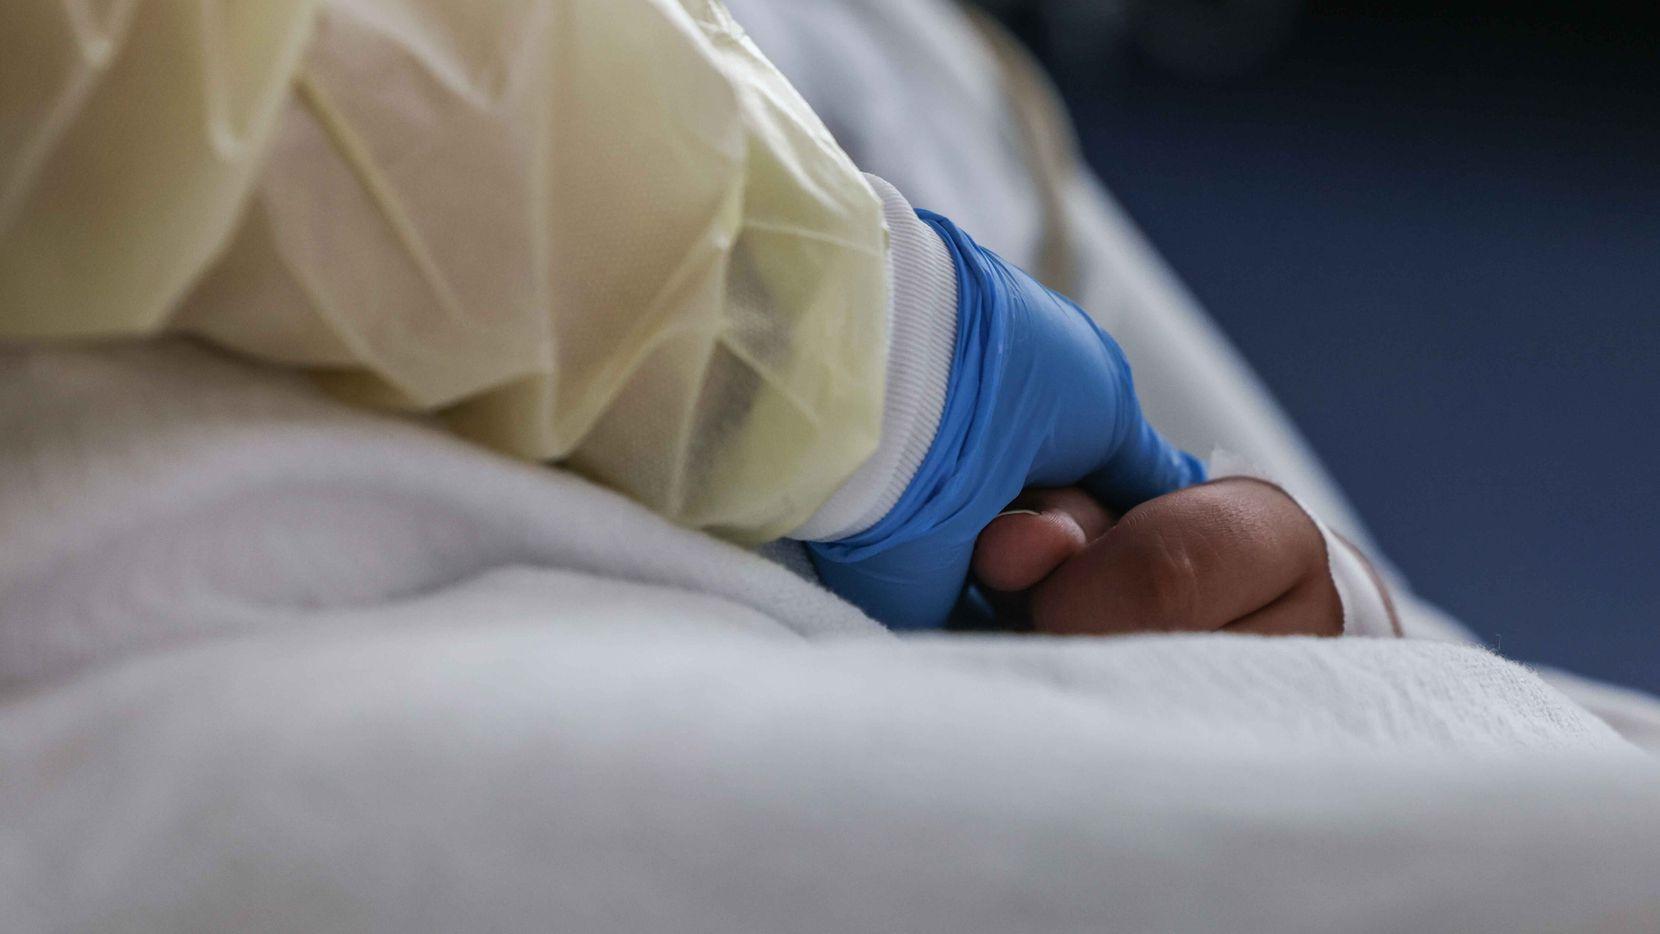 La enfermera Christina Walker supervisa el estado de salud de Francisco Rosales, un niño de 9 años y paciente de covid-19 en la unidad de ciudados intensivos del hospital Children's Medical en Dallas.